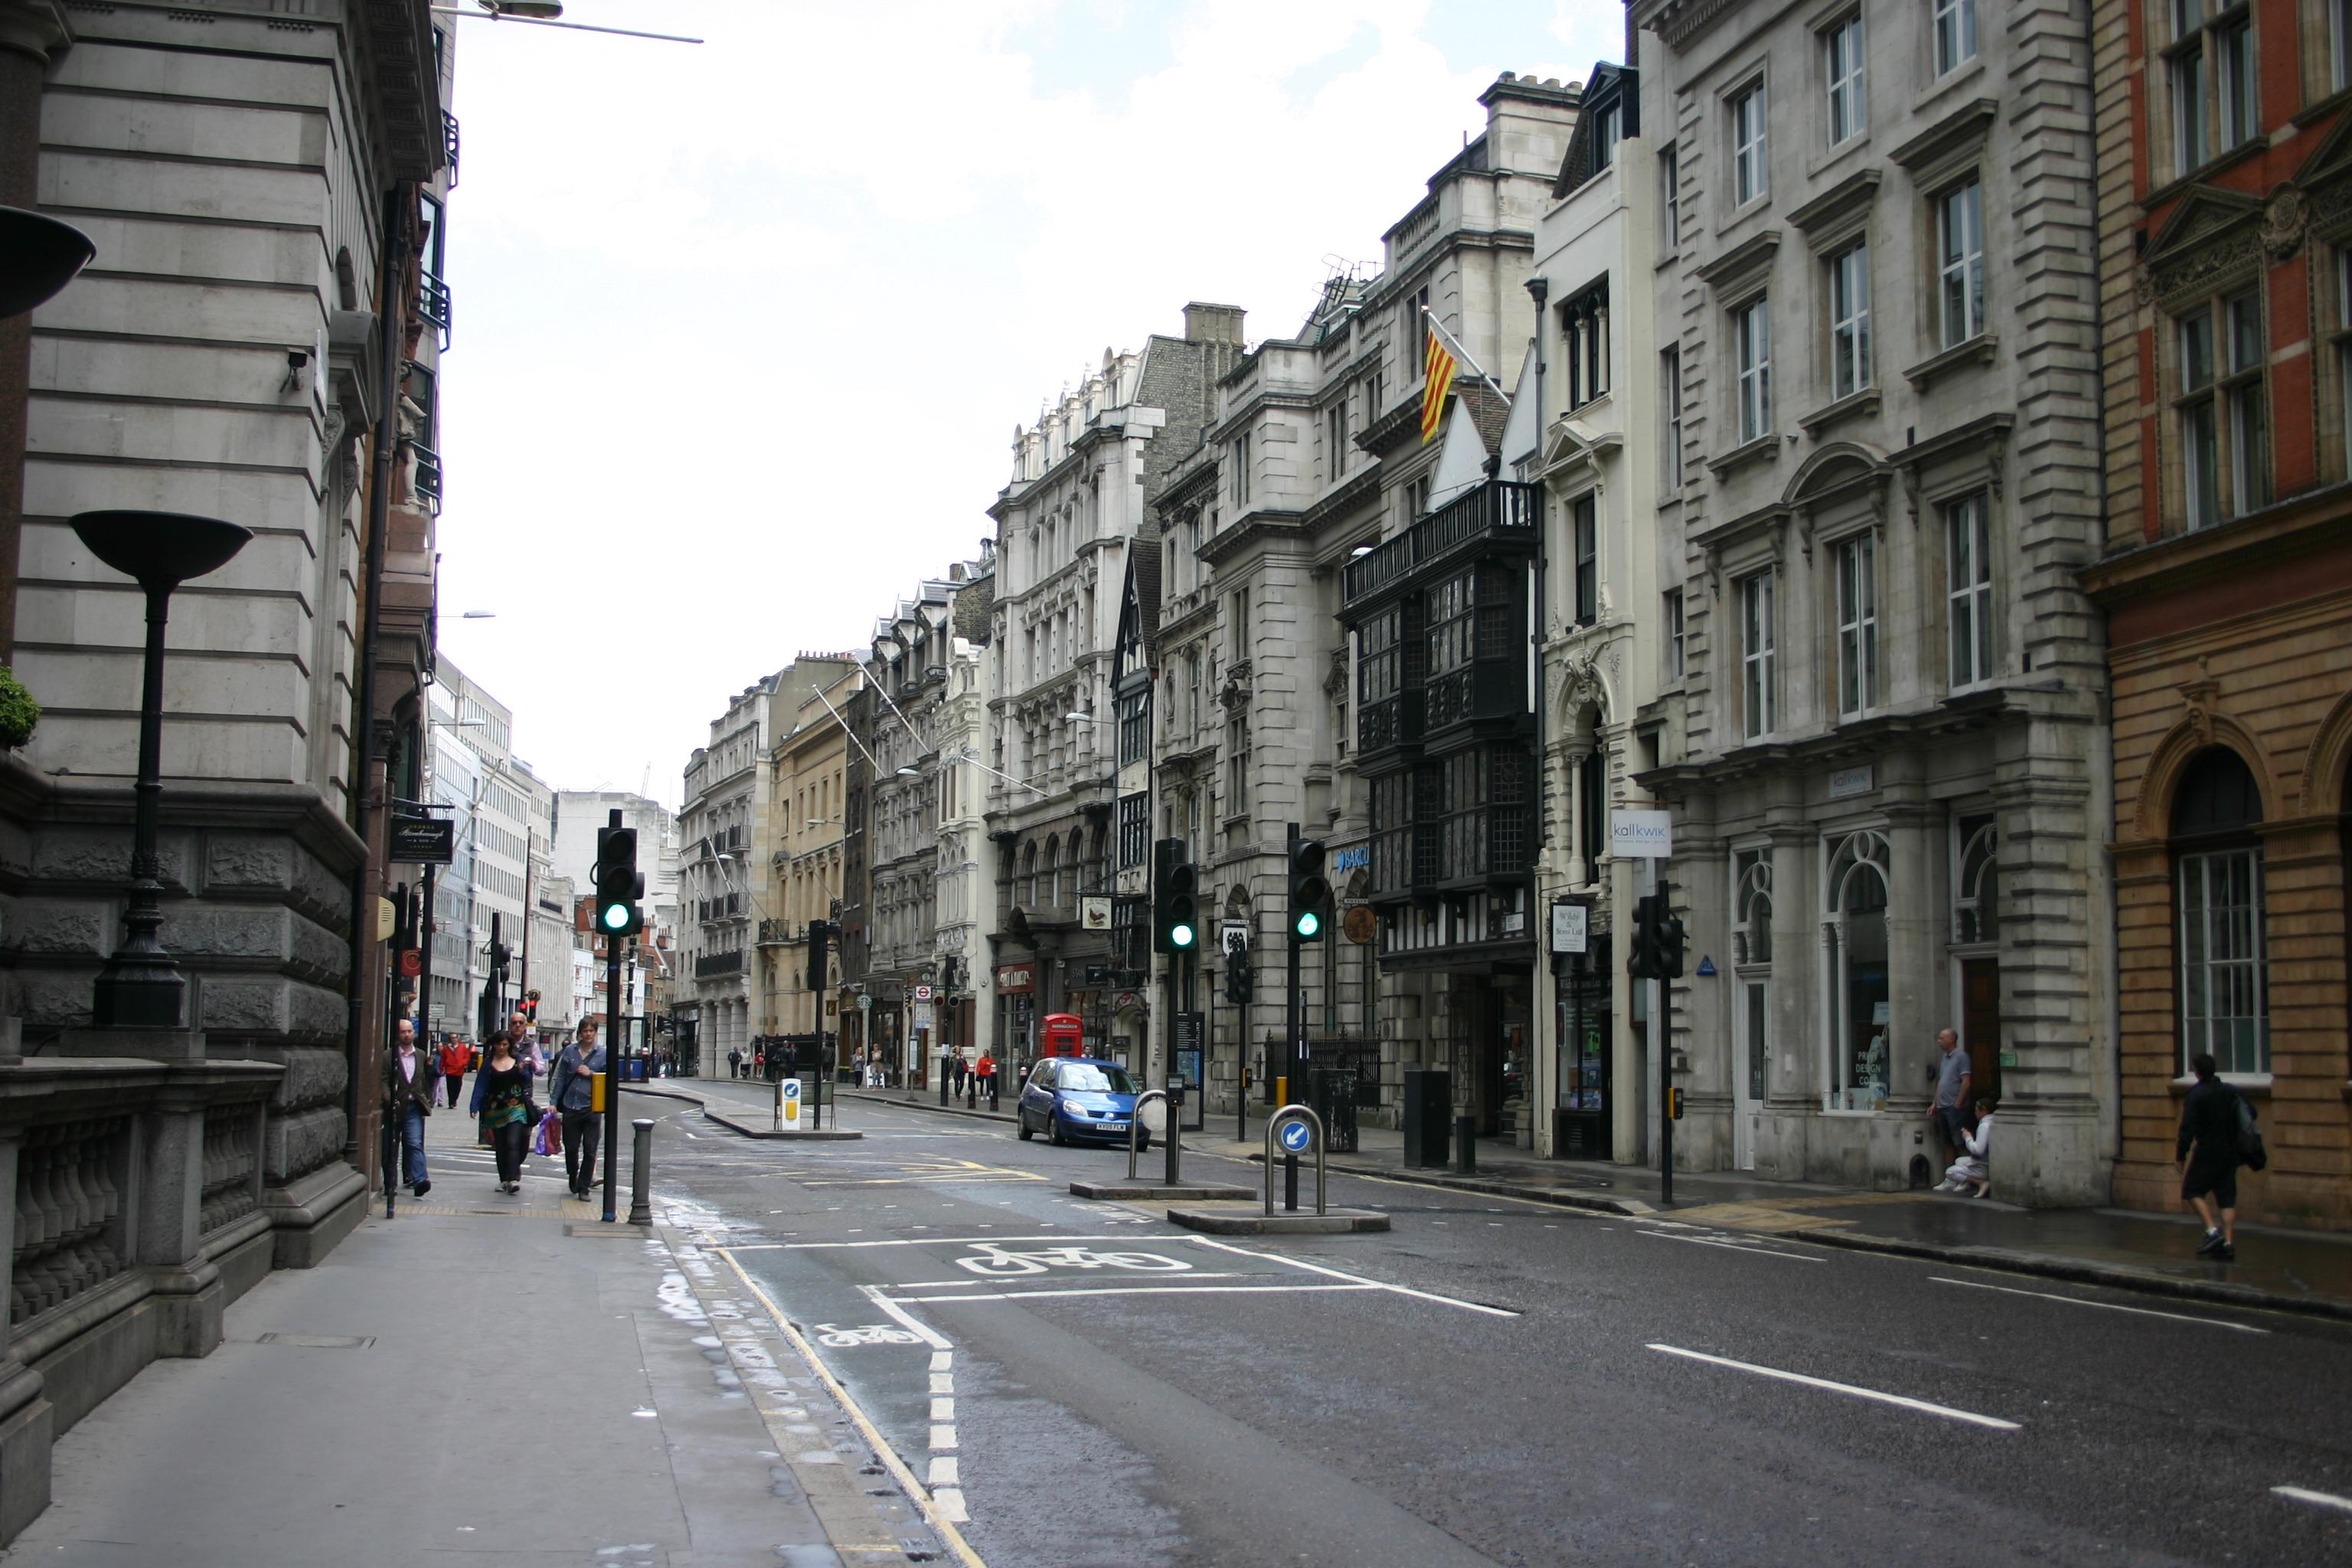 ロンドン市内の風景